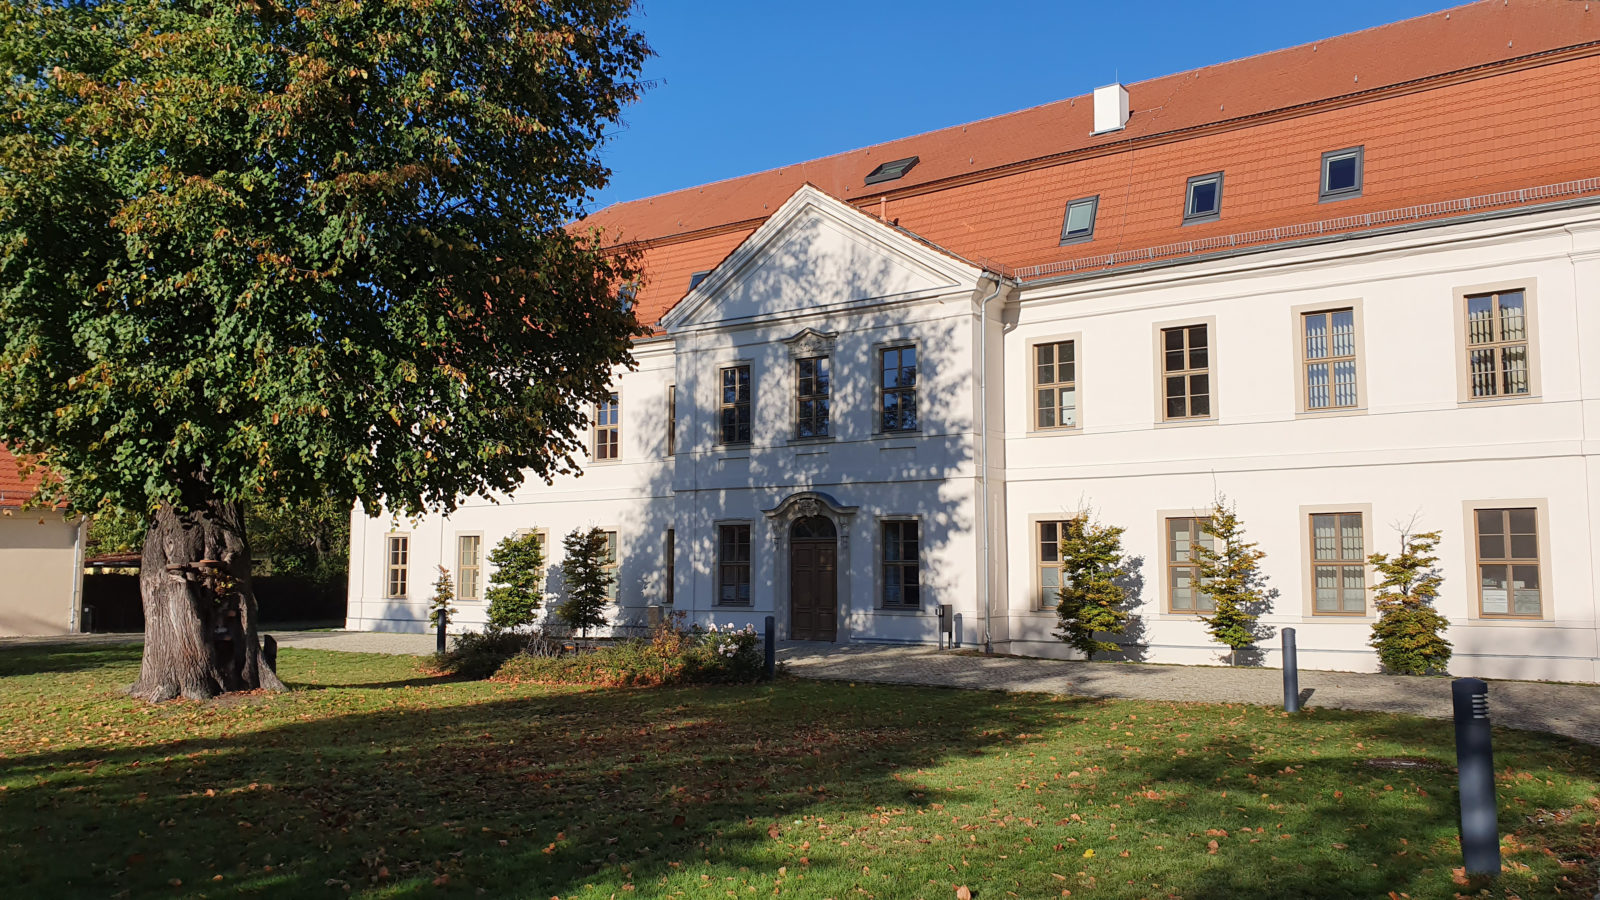 Zweites Schloss der Familie von Bismarck in Schönhausen - Schloss 2 genannt.